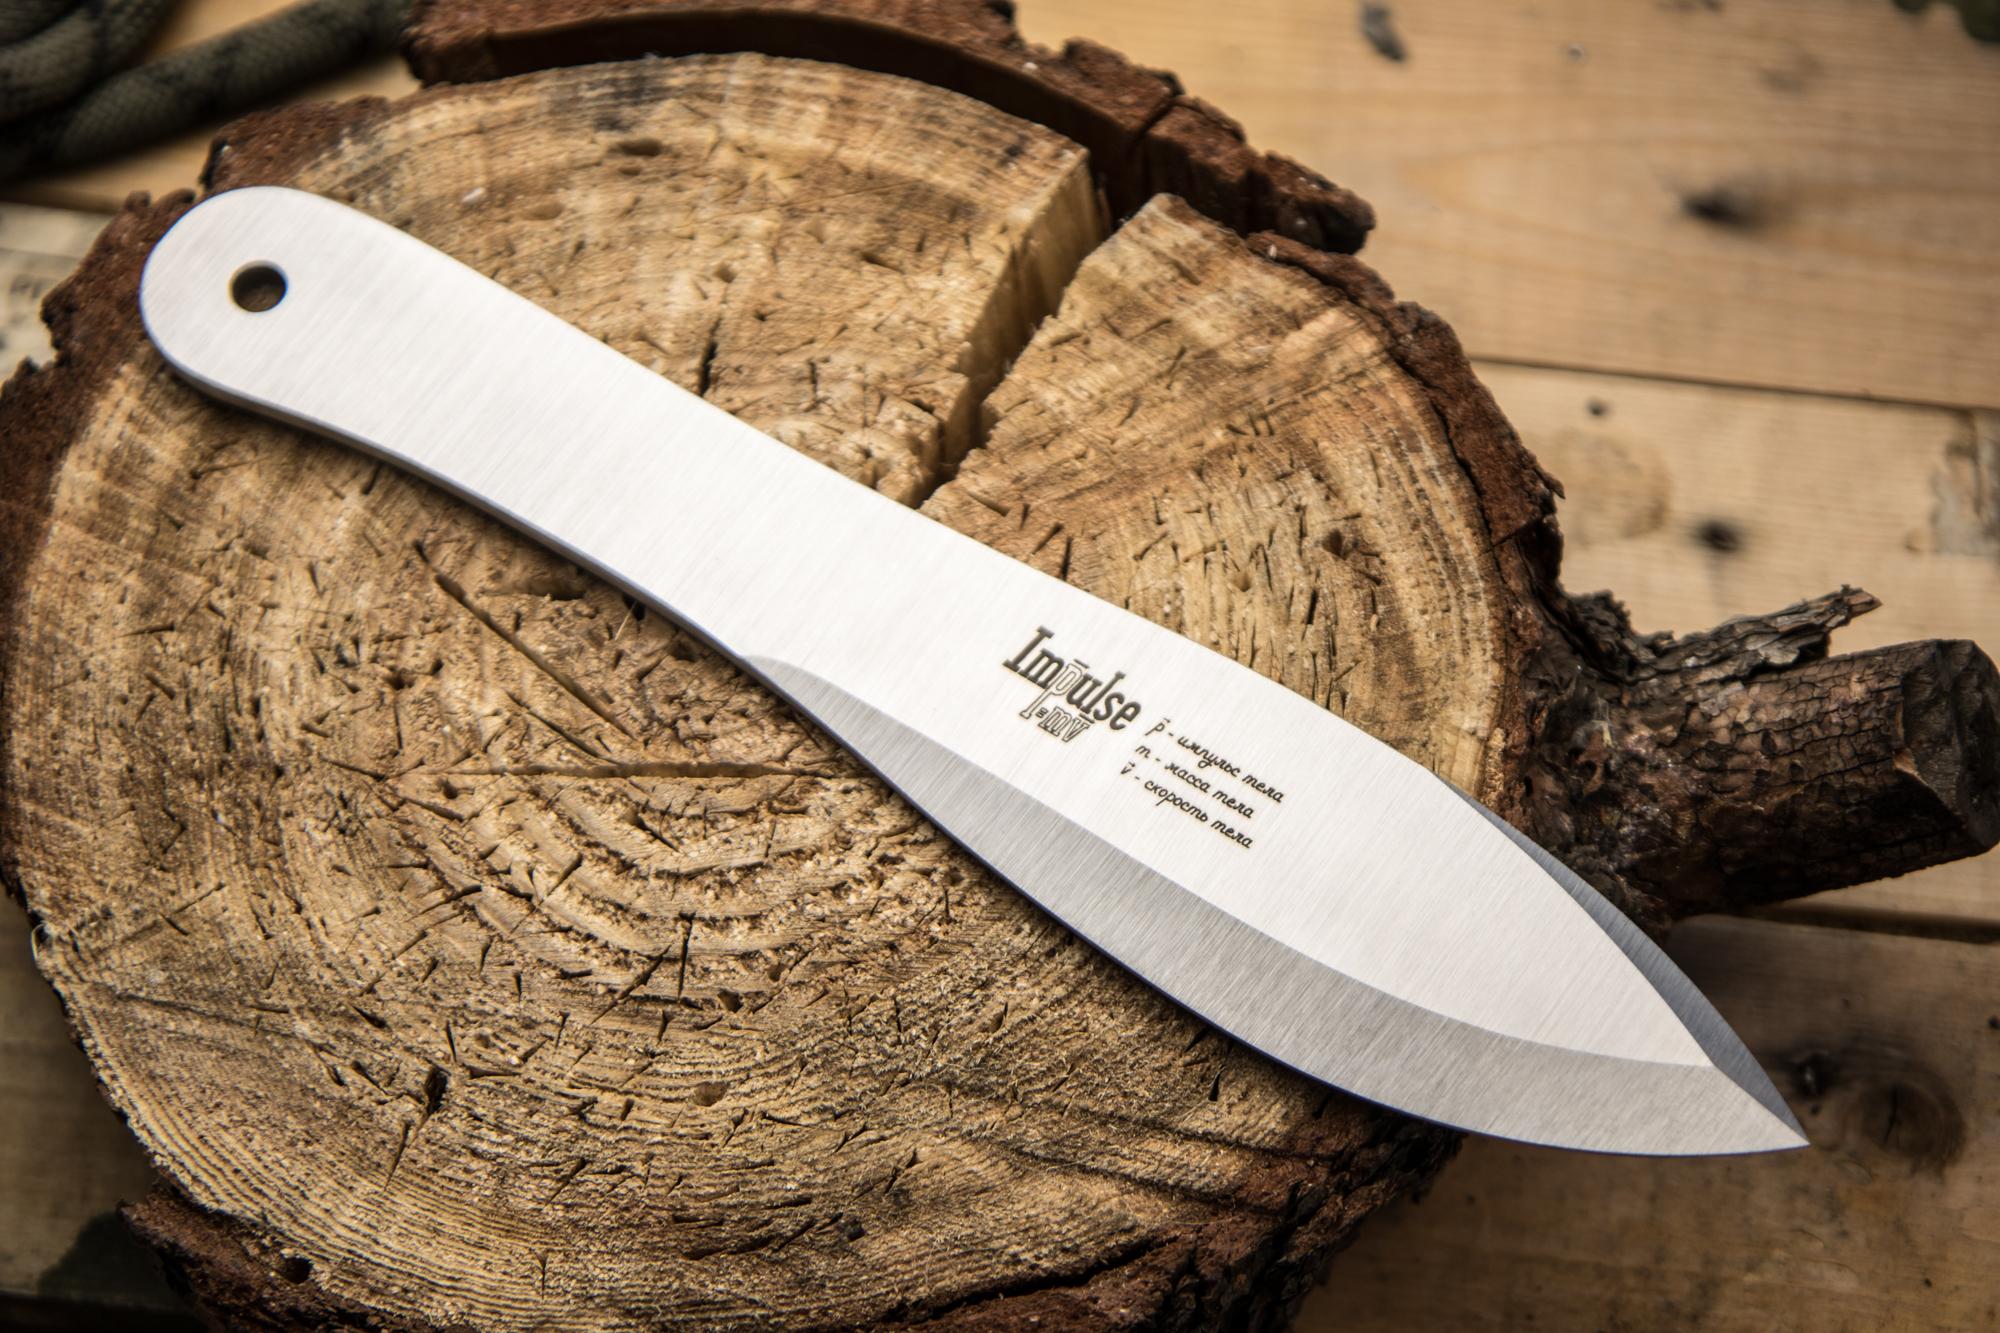 Спортивный нож ИмпульсНожи Кизляр<br>Общая длина: 270 ммТолщина клинка: 5,9 ммВес: 370 гр<br>